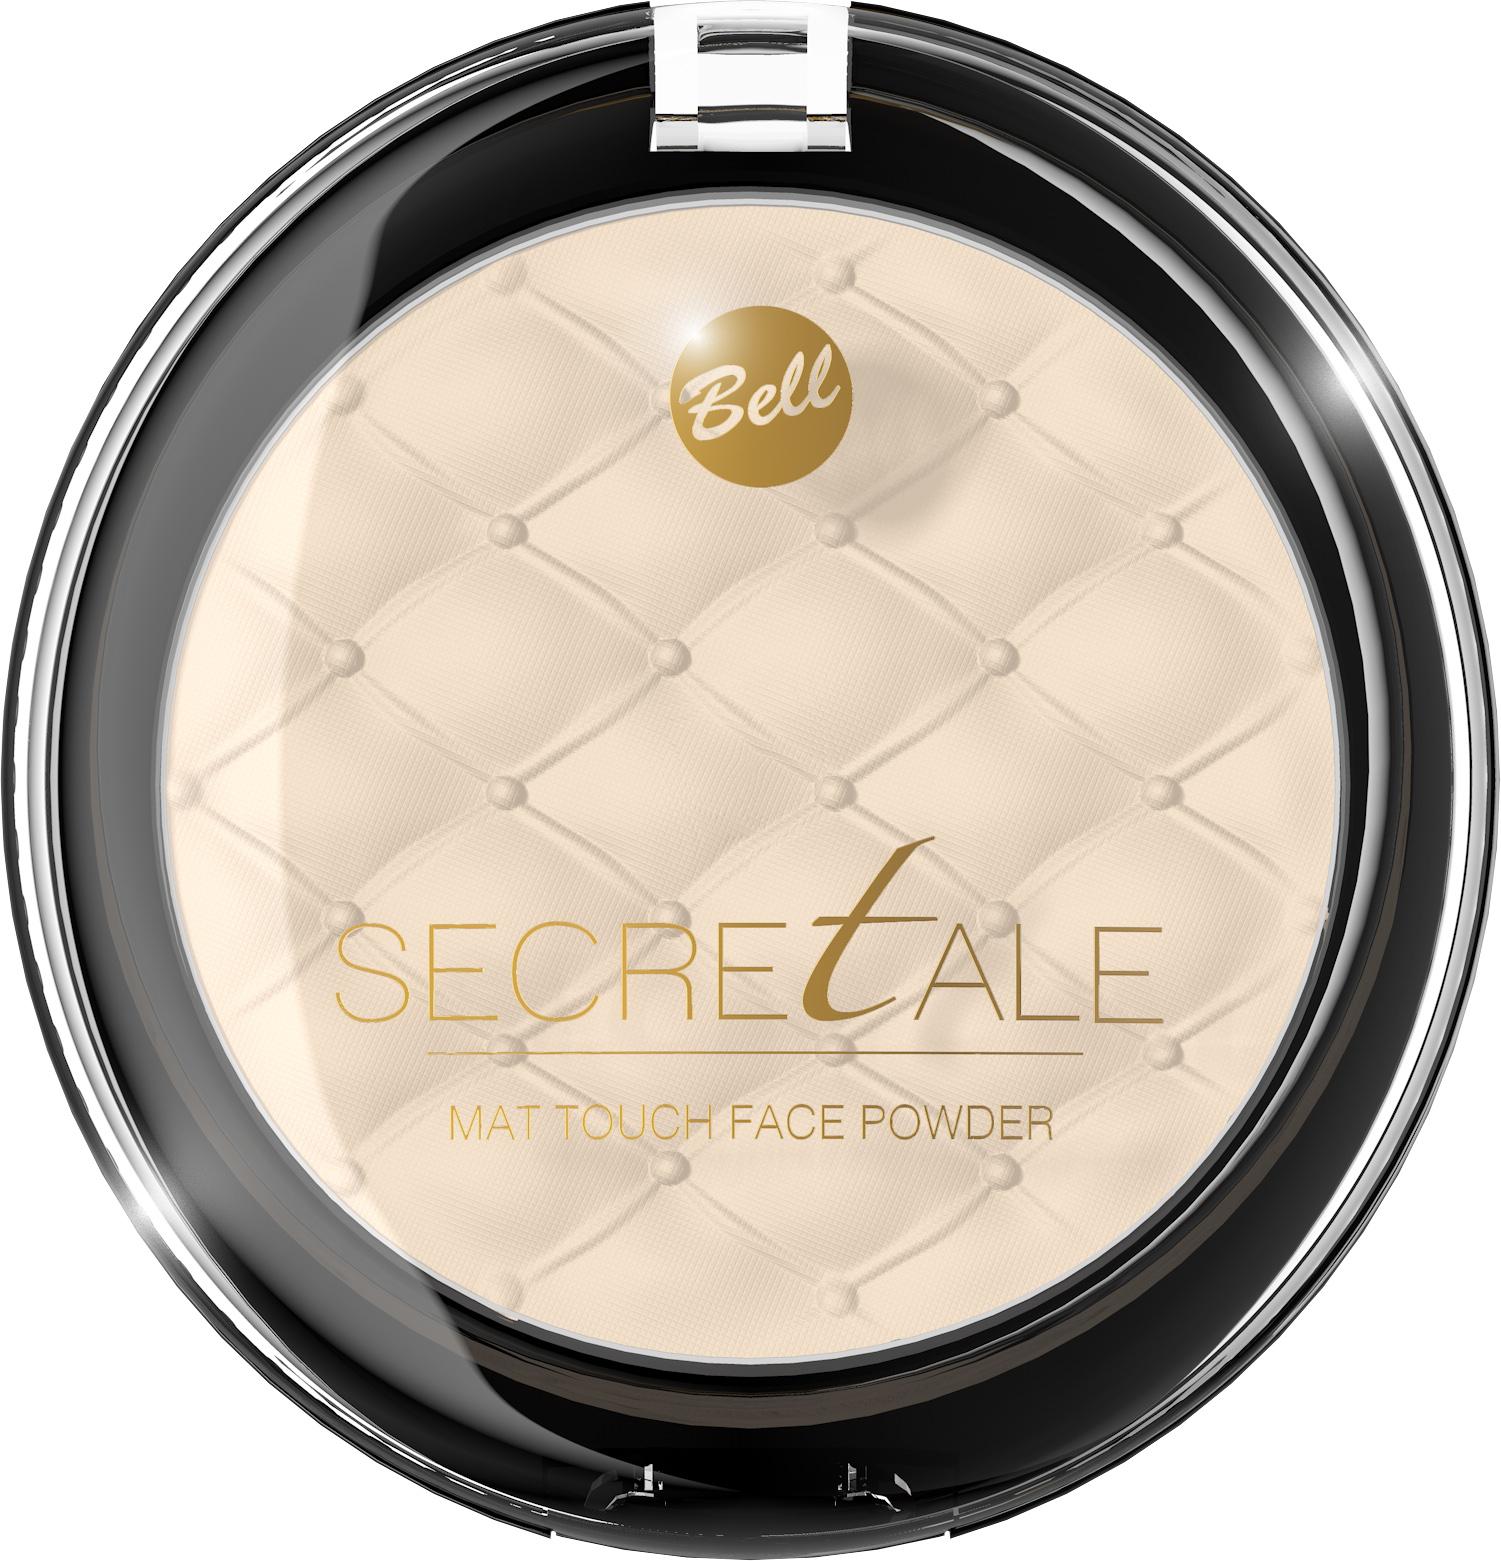 BellSECRETALE Mat Touch Face Powder 01